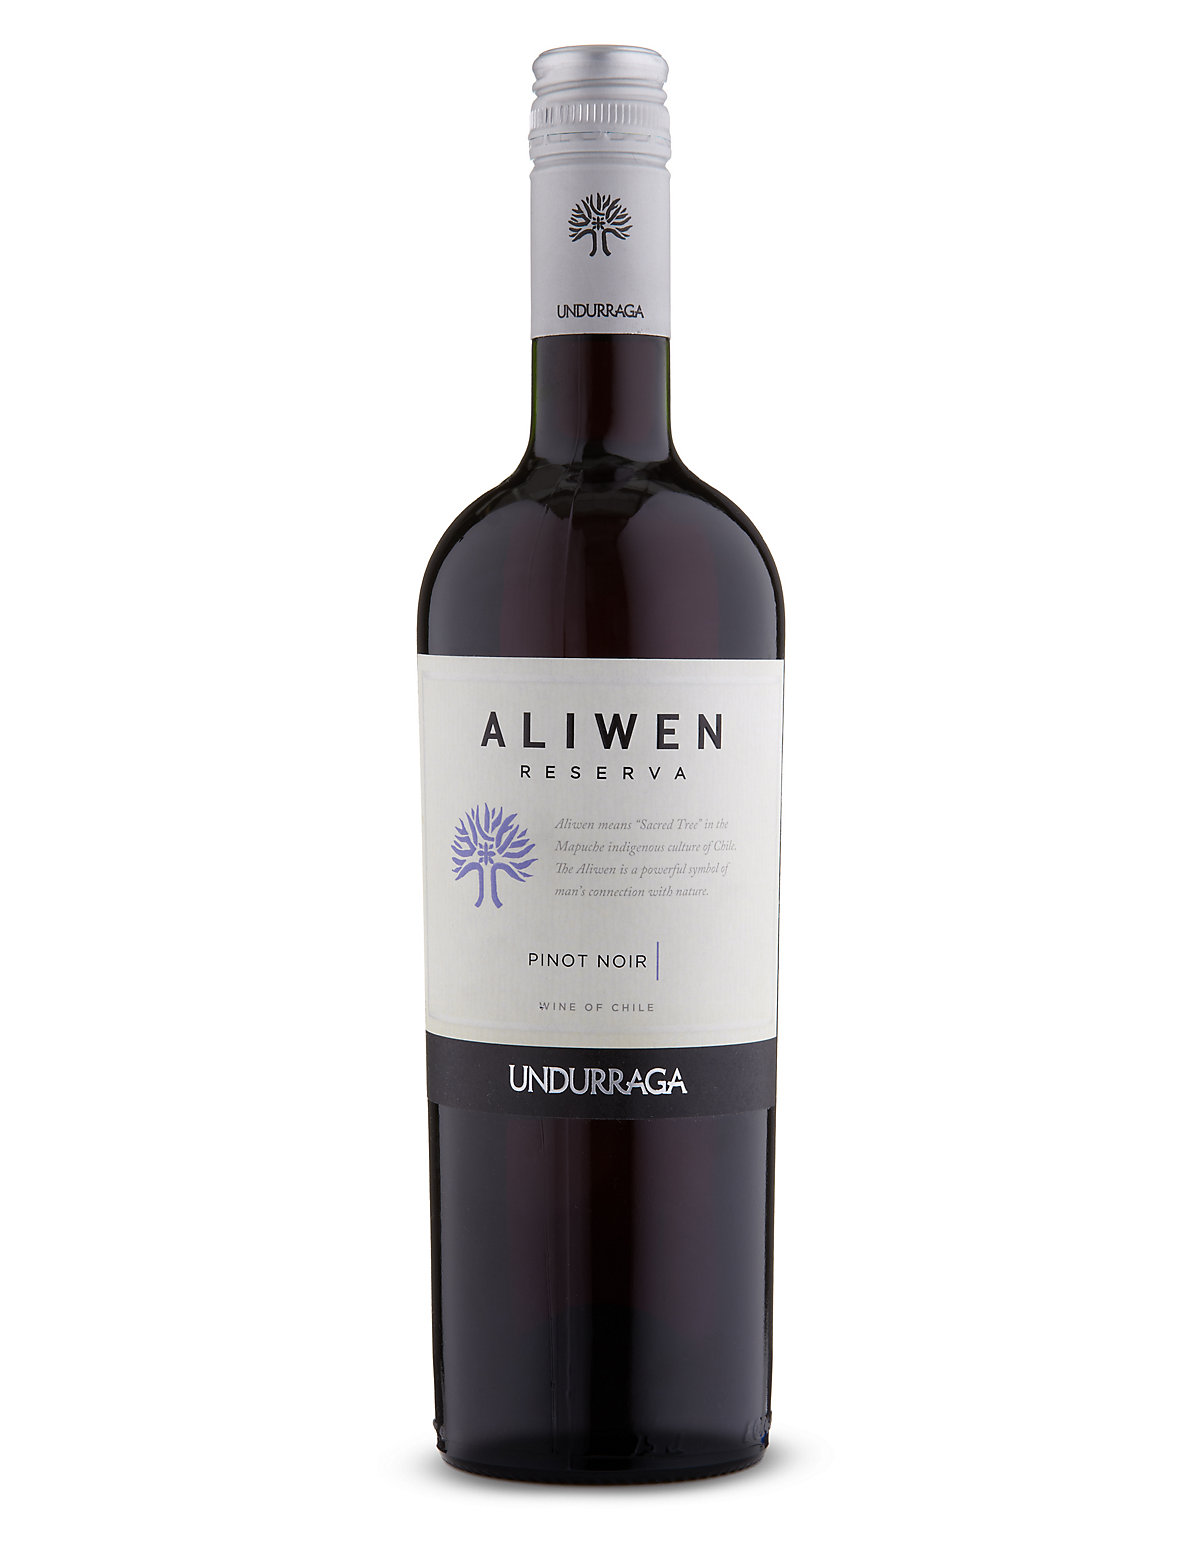 Aliwen Reserva Pinot Noir Case of 6